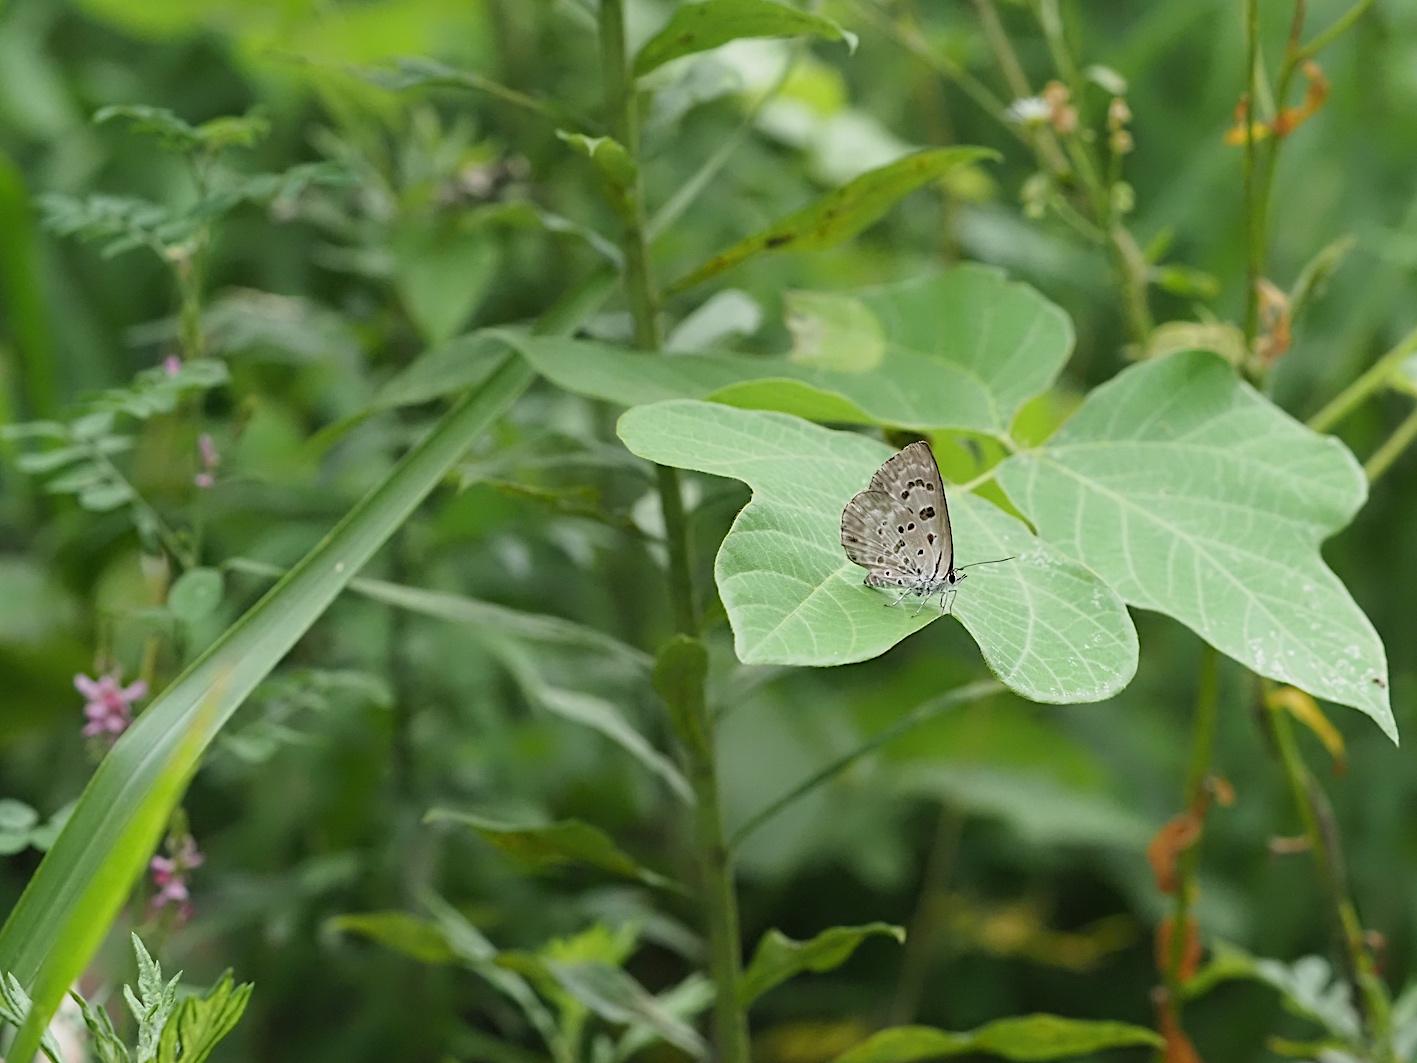 クロシジミ&クロシジミの幼虫(2019年8月27日)_d0303129_4234676.jpg